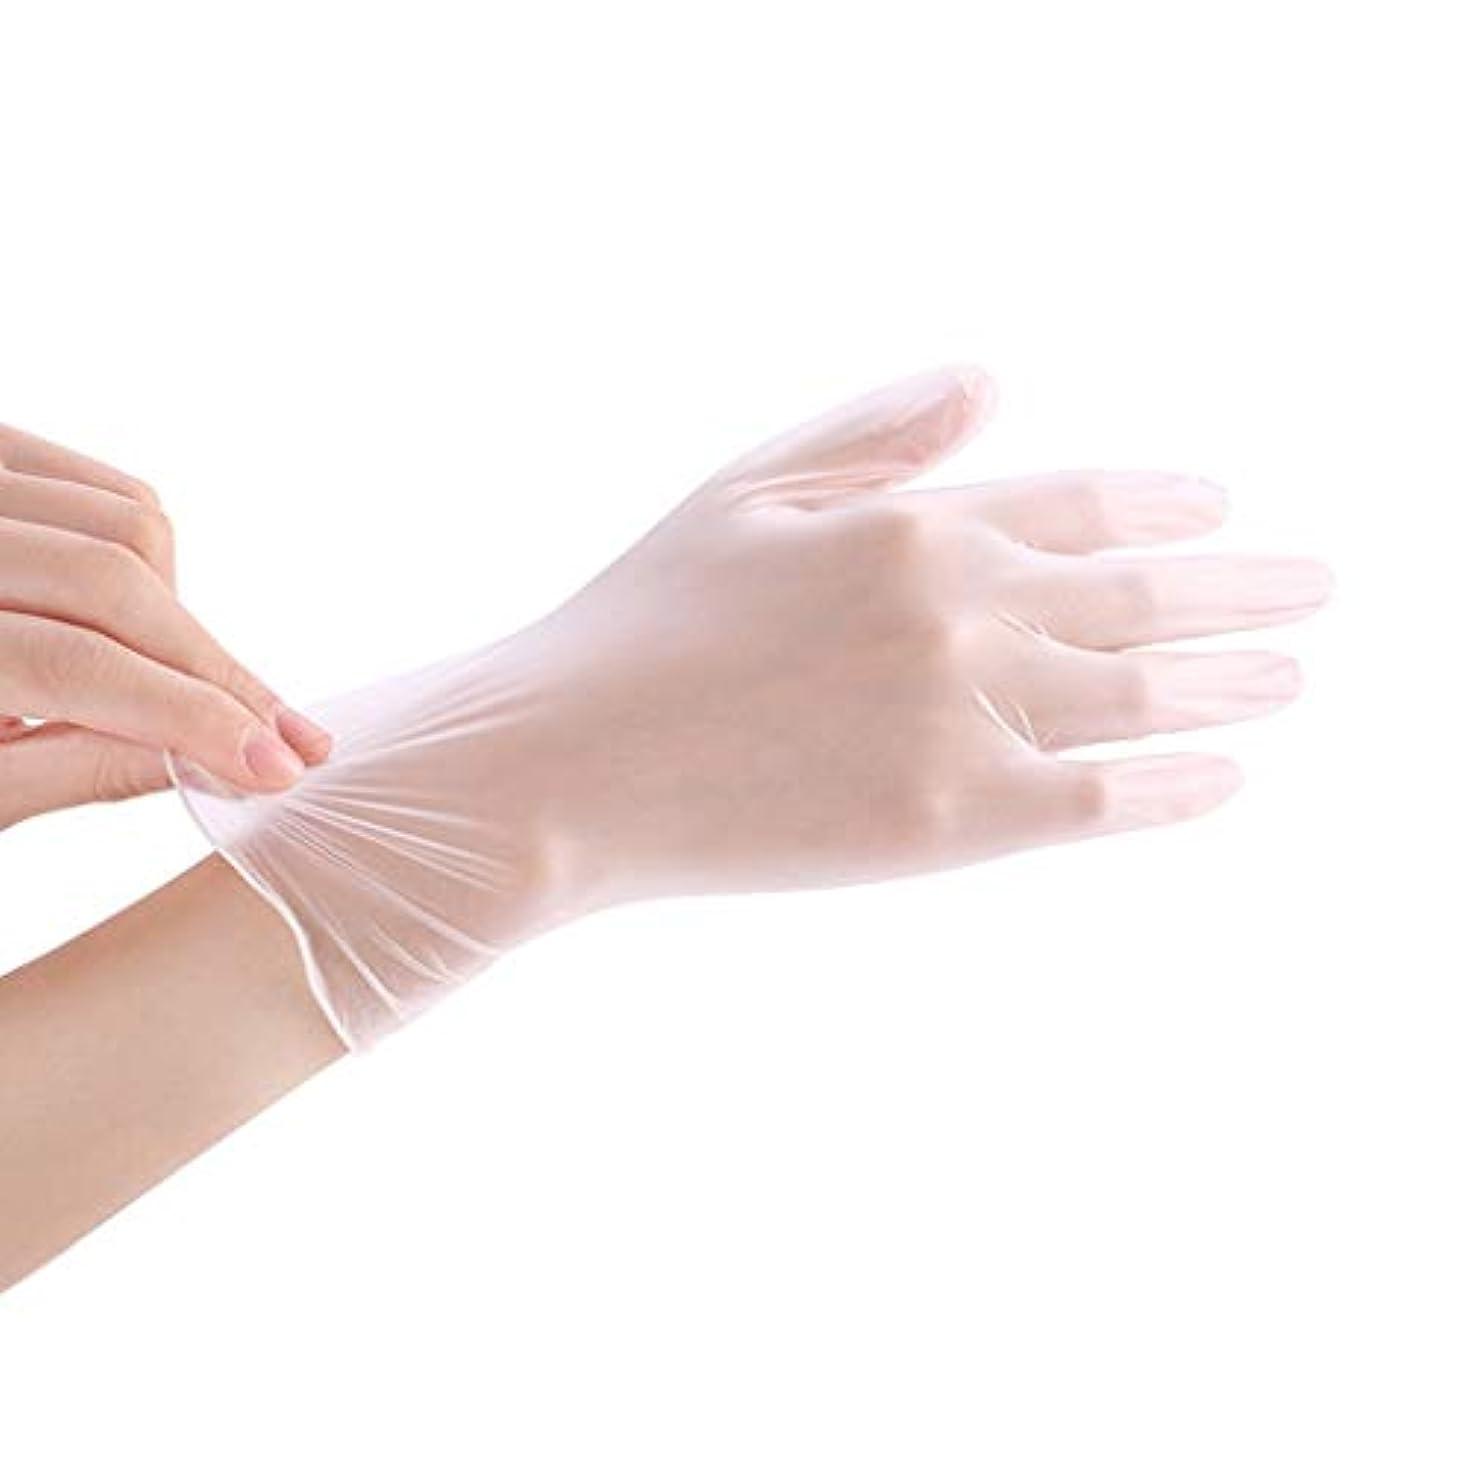 代表する練るオアシス使い捨て透明食品ケータリンググレードPVC手袋美容キッチンベーキングフィルム手袋200 YANW (色 : トランスペアレント, サイズ さいず : L l)